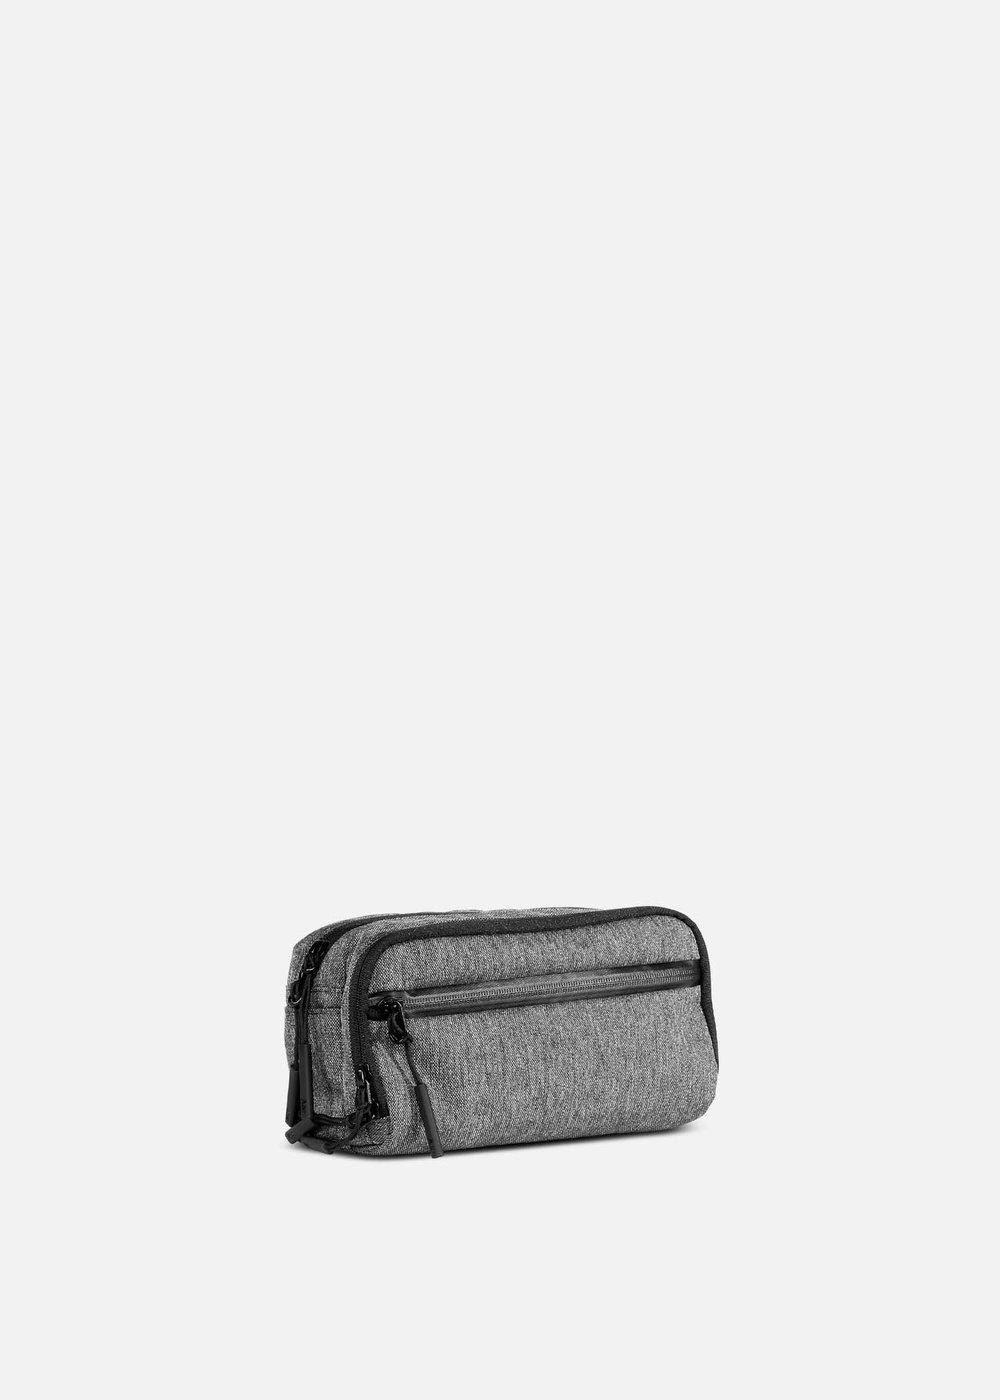 Aer Gym Duffel Best Gym Duffle Bag